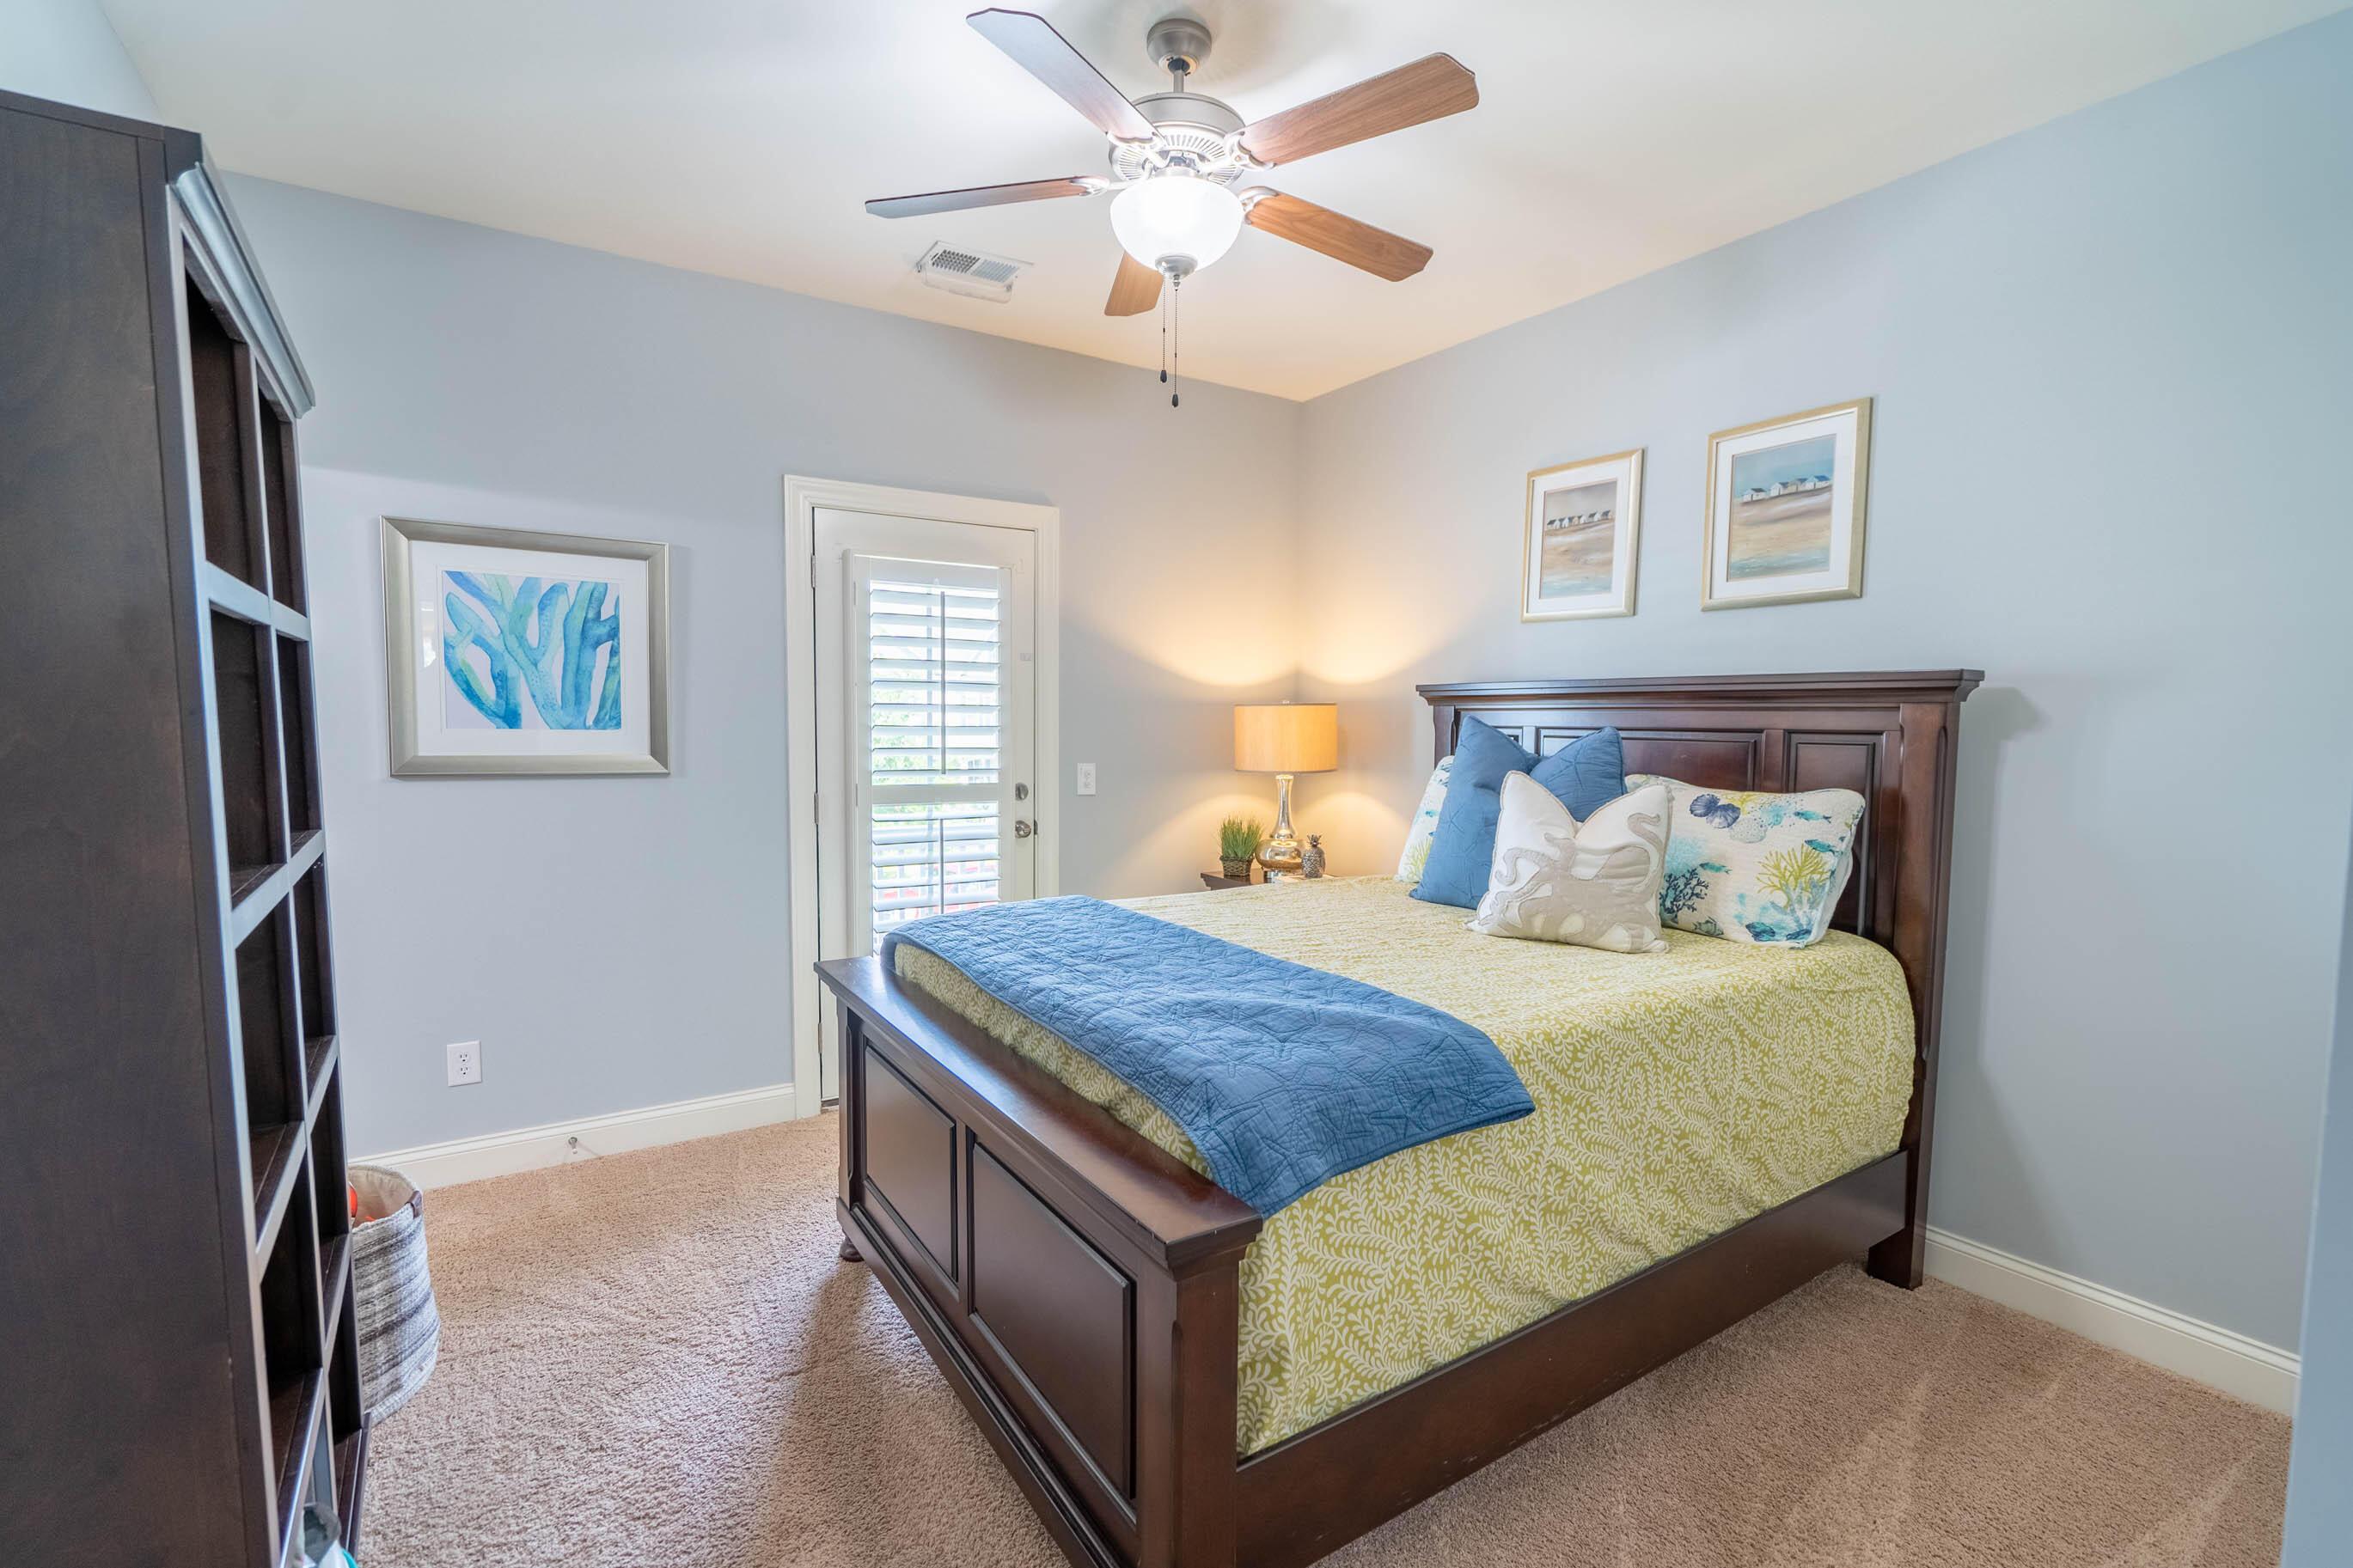 Dunes West Homes For Sale - 2997 Sturbridge, Mount Pleasant, SC - 43